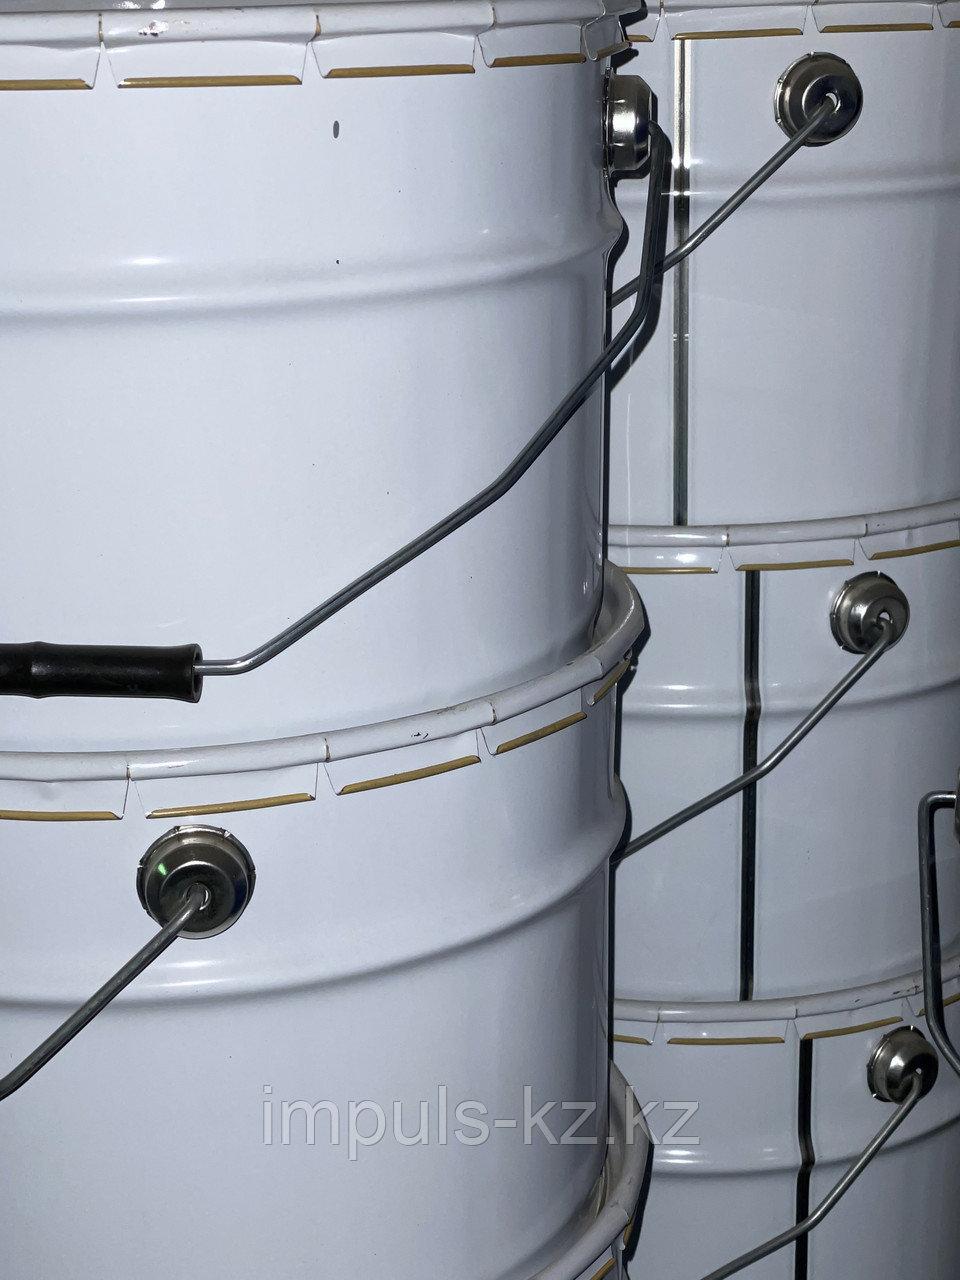 Алюминиевое финишное покрытие Верхний слой (эмаль) для холодного цинкования, 20кг - фото 1